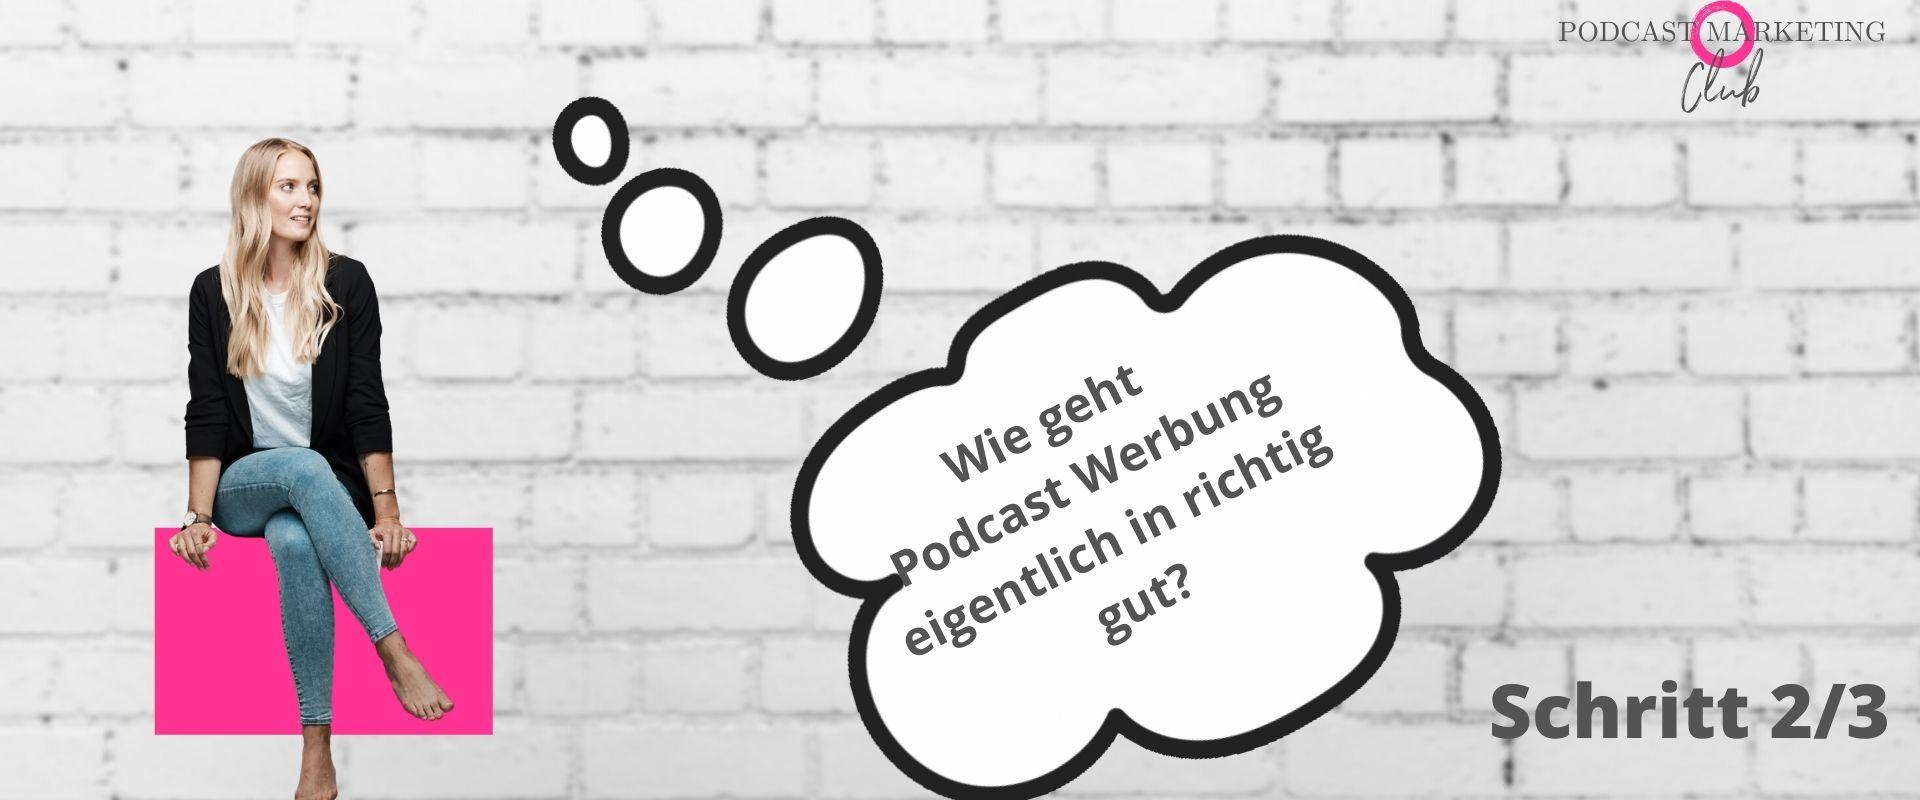 Podcast Werbung schalten 107